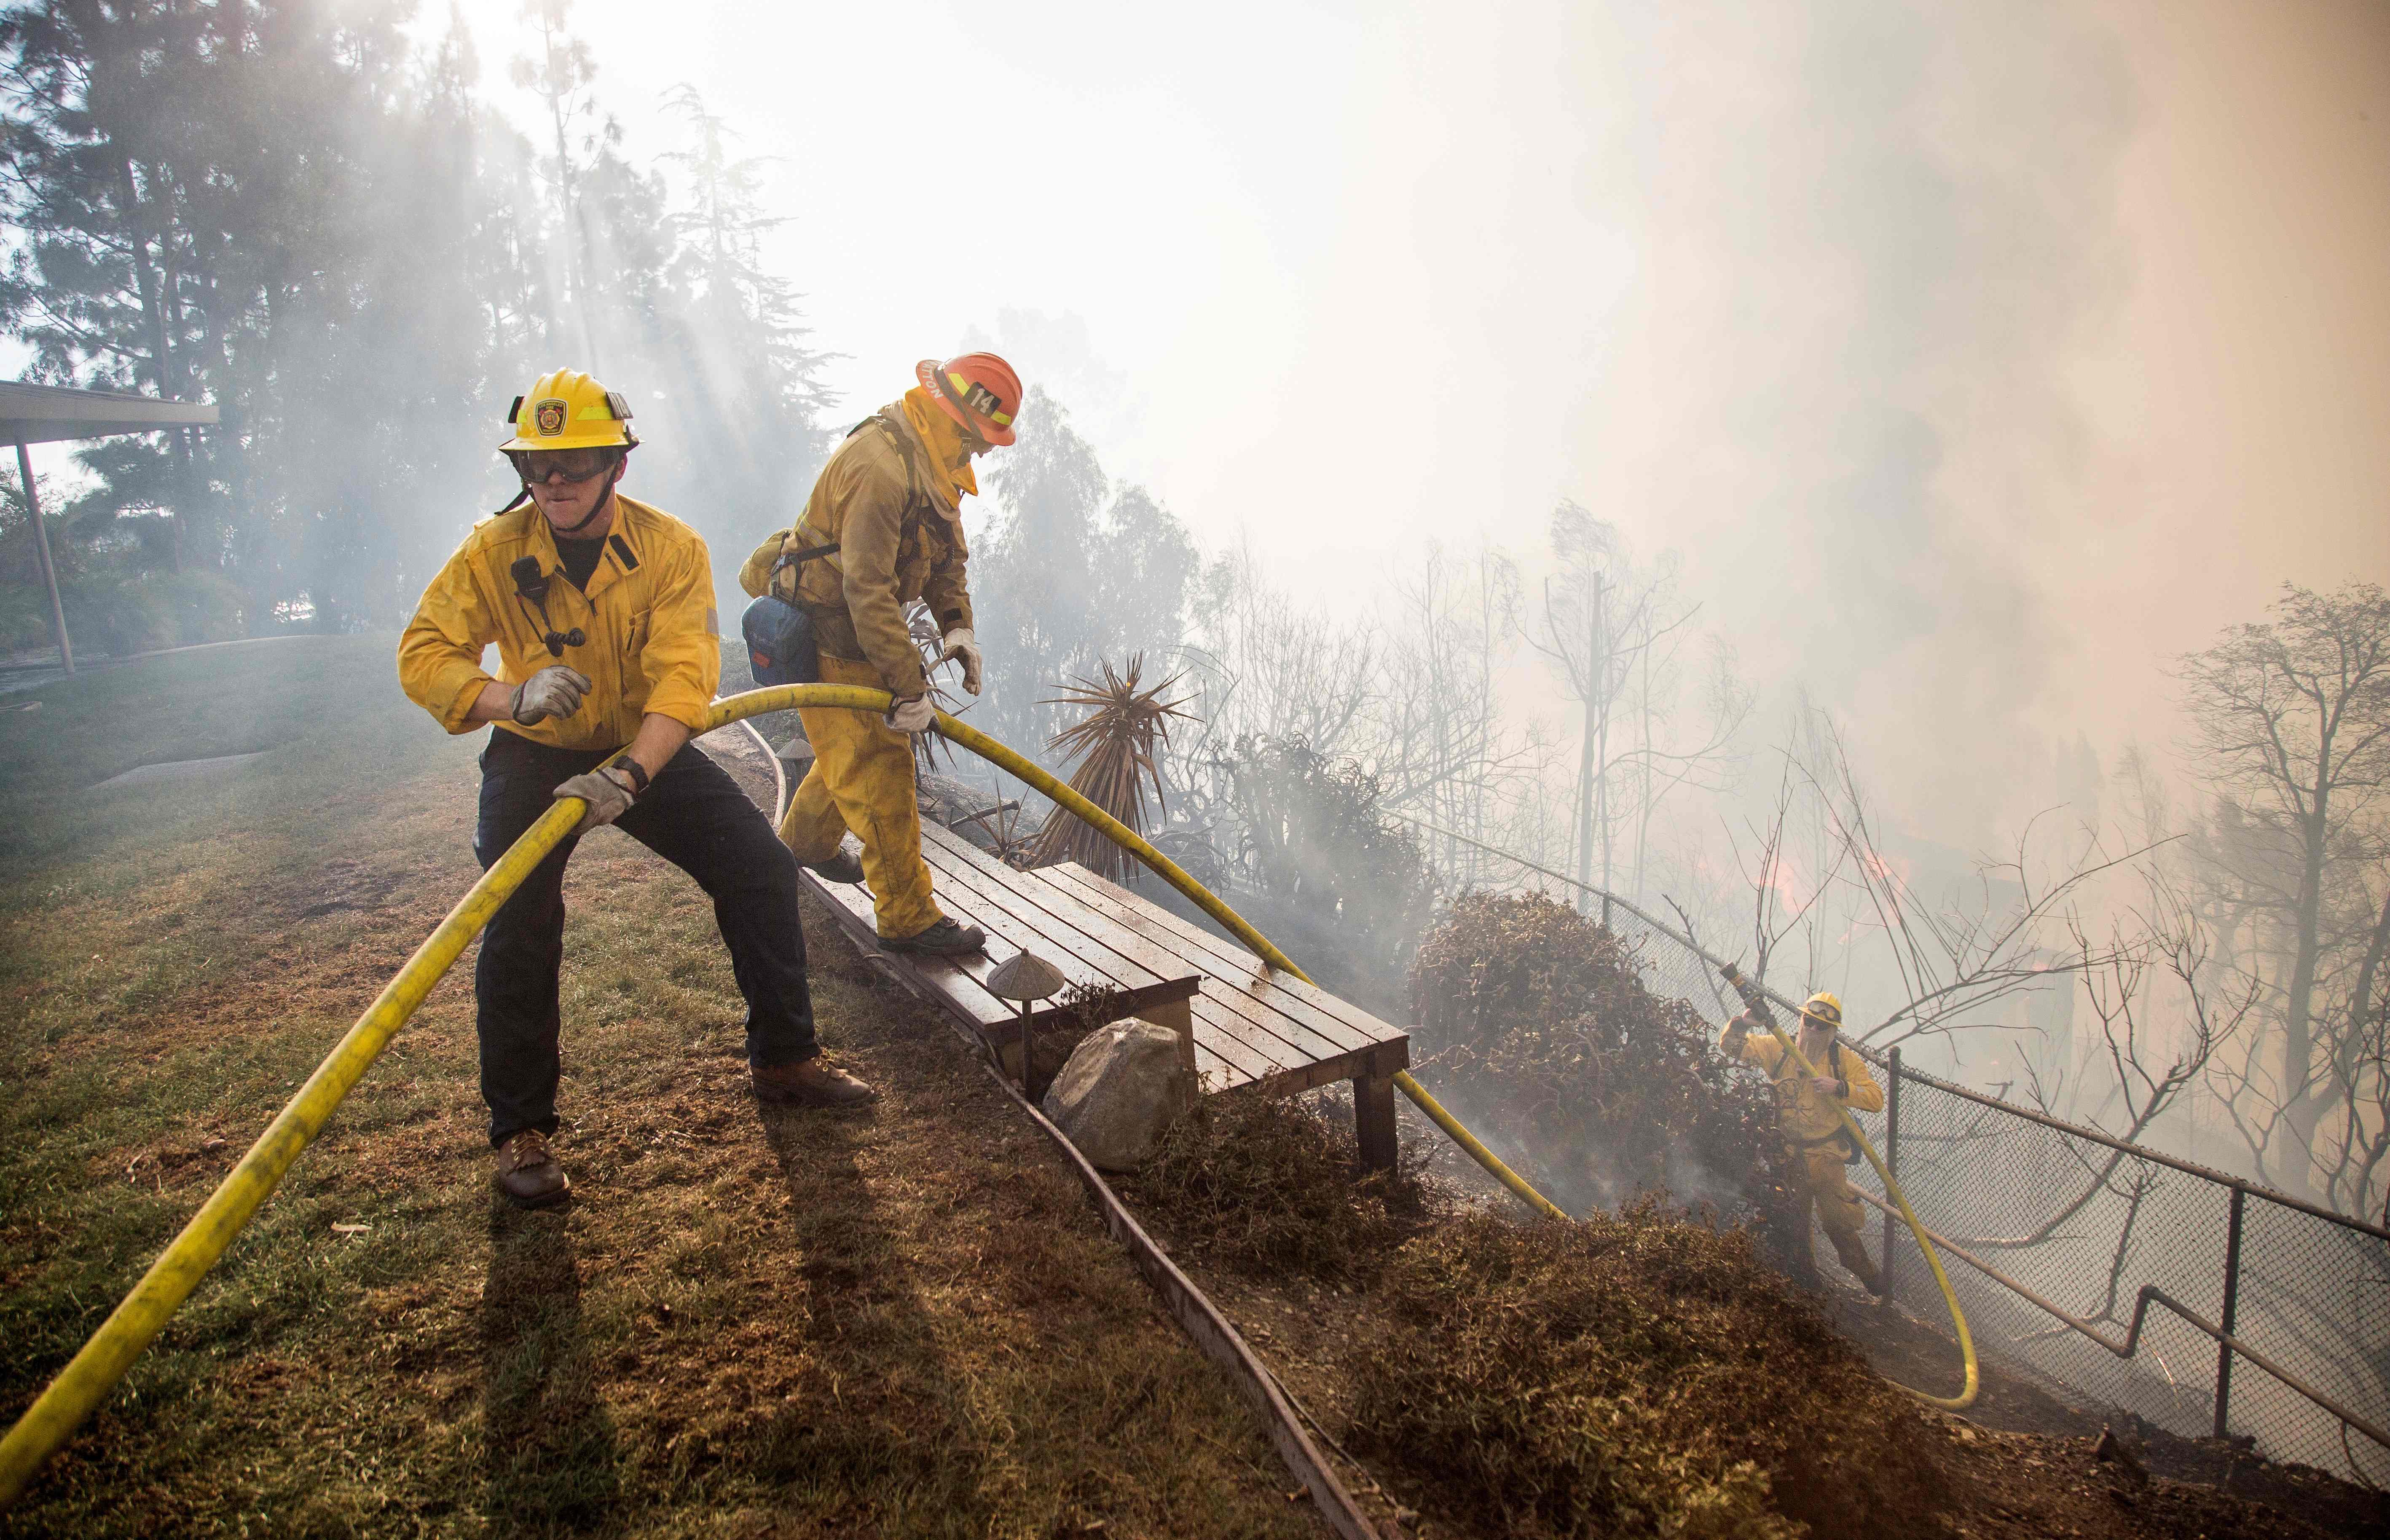 6日清晨開始的Skirball大火迅速蔓延,至目前為止幾乎無法控制。Getty Images